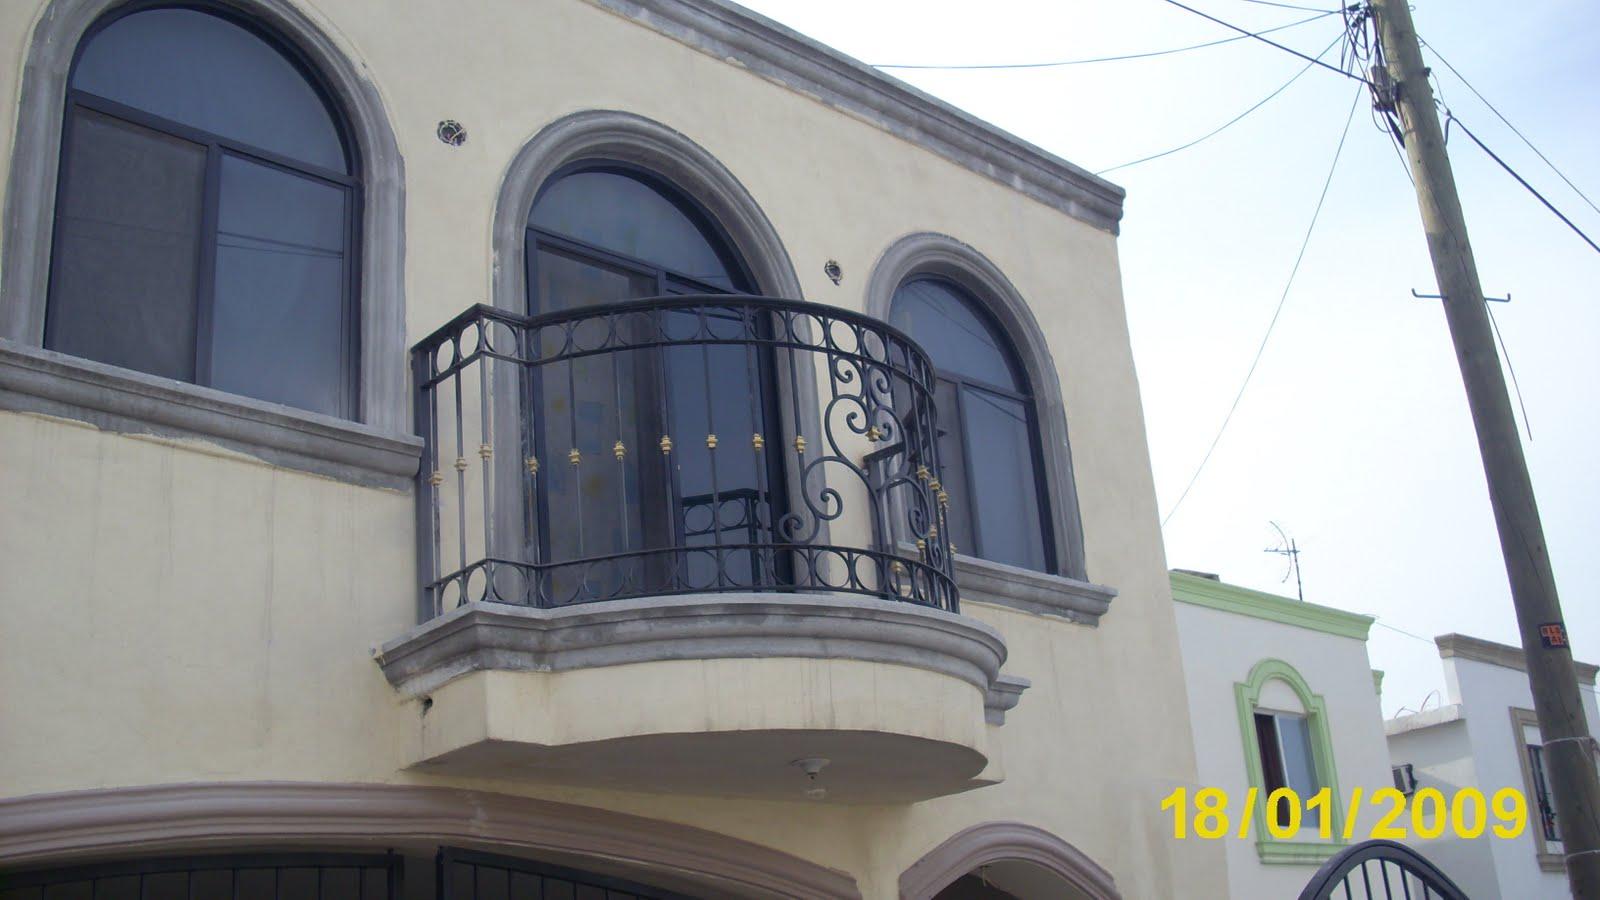 Puertas de hierro forjado barandales rejas portones - Puertas de escalera ...